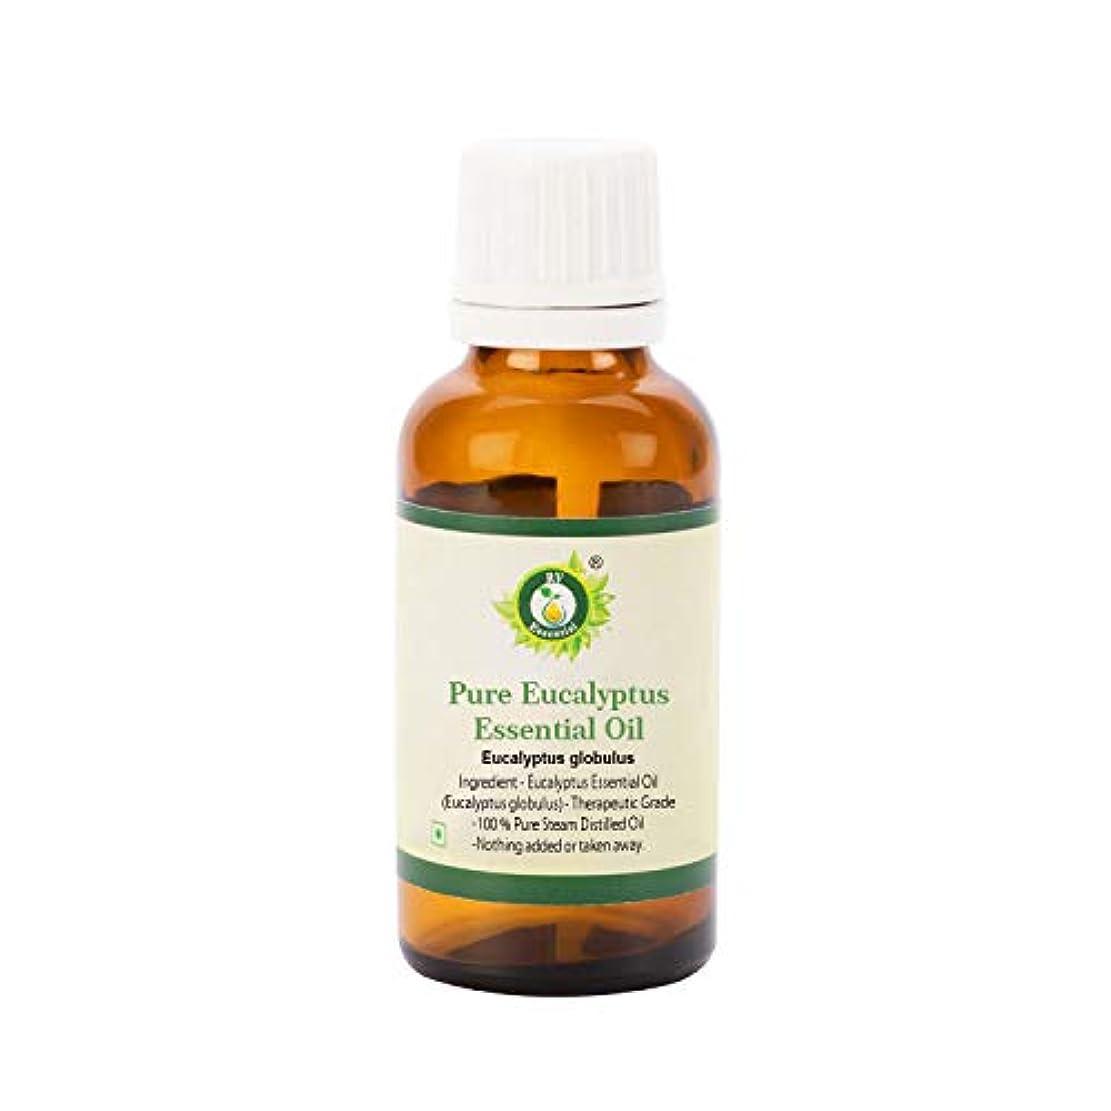 人質ピースとまり木R V Essential ピュアユーカリエッセンシャルオイル100ml (3.38oz)- Eucalyptus globulus (100%純粋&天然スチームDistilled) Pure Eucalyptus Essential...